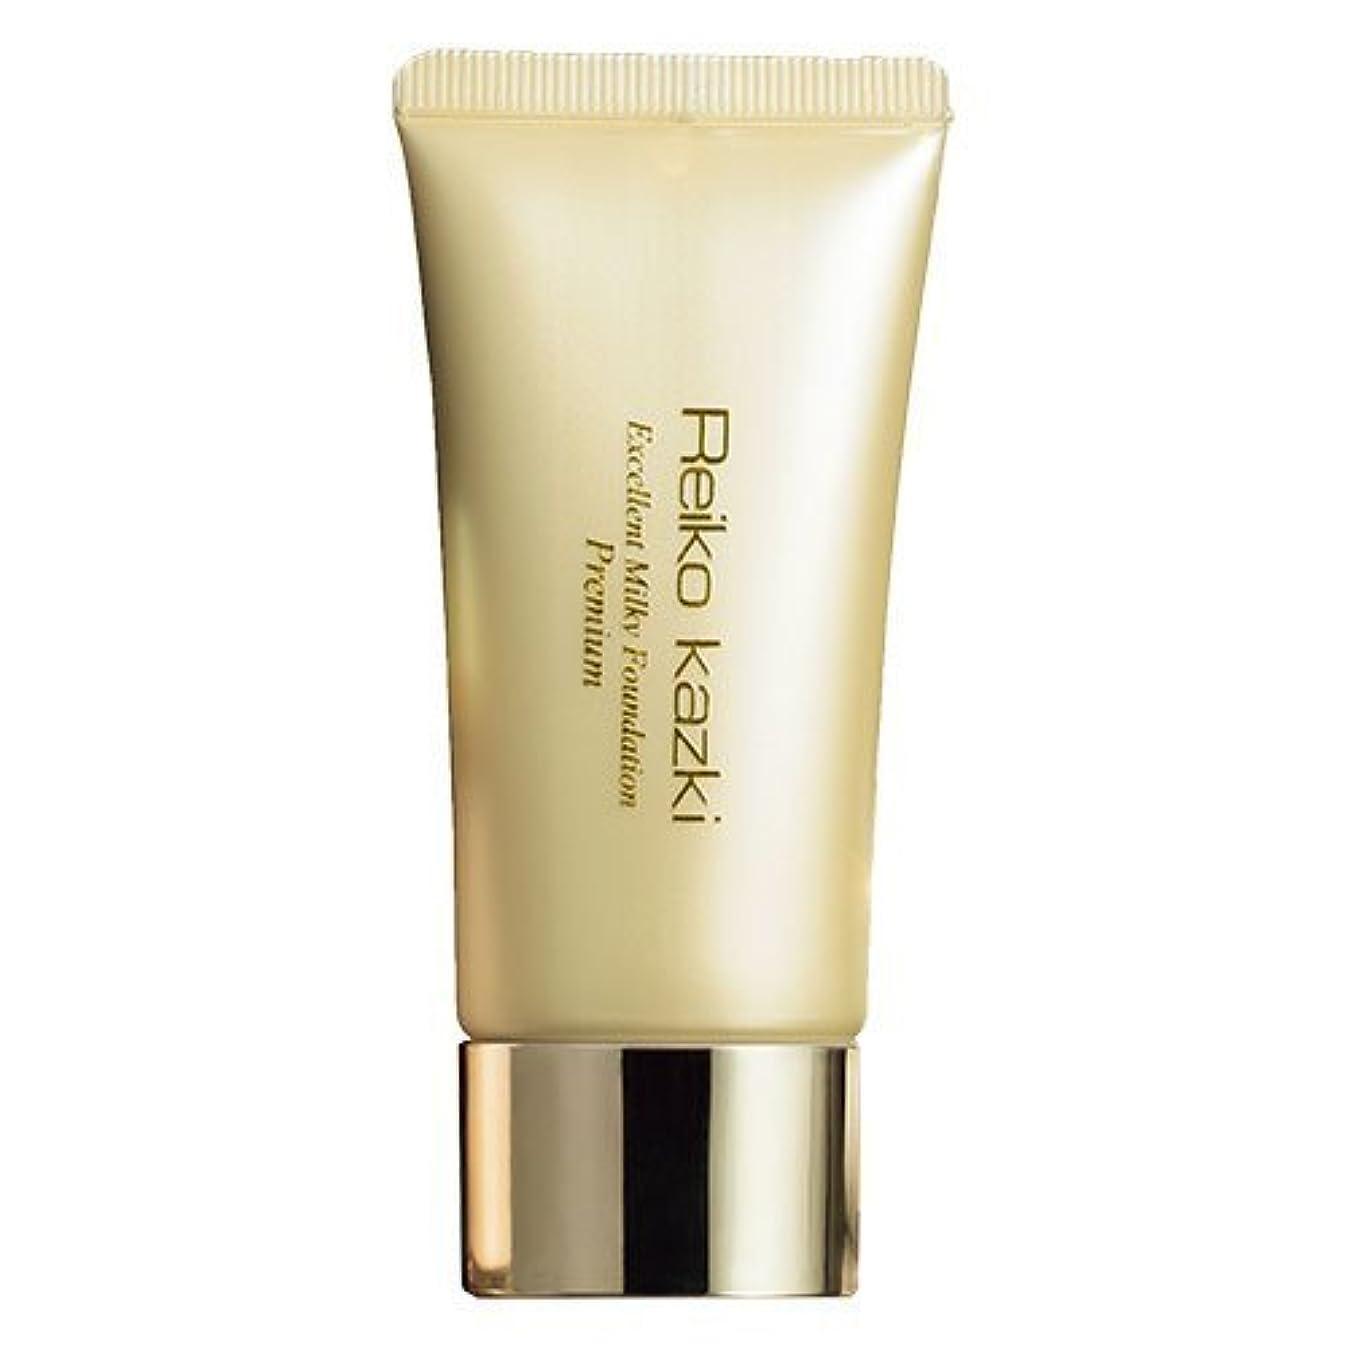 植生物質パックかづきれいこ 薬用エクセレントミルキーファンデーション プレミアム (化粧下地) SPF31/PA+++で紫外線をカット。美白有効成分を配合した化粧下地。